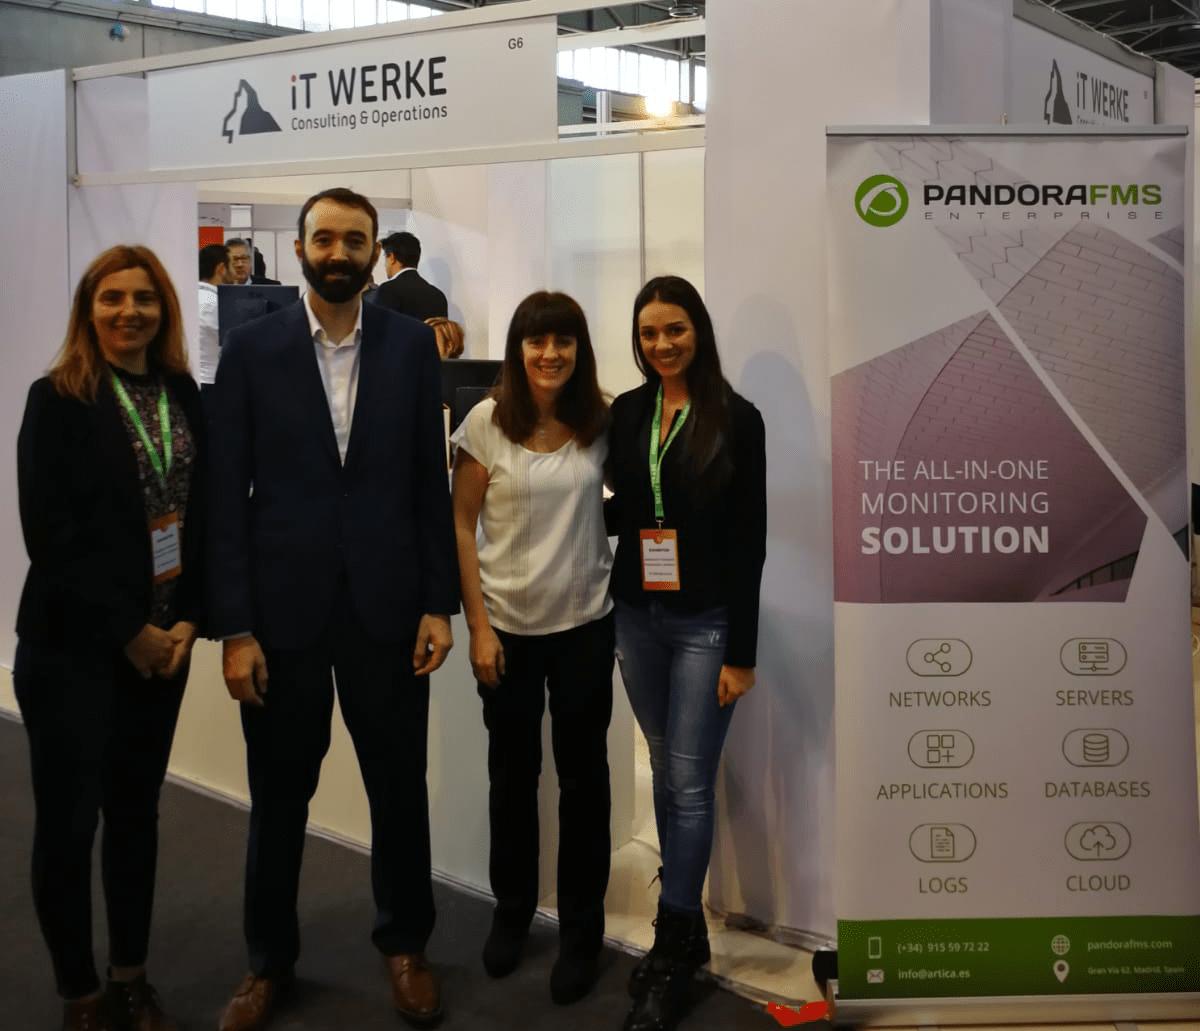 SEE IT Fair in Serbia IT Werke and Pandora FMS